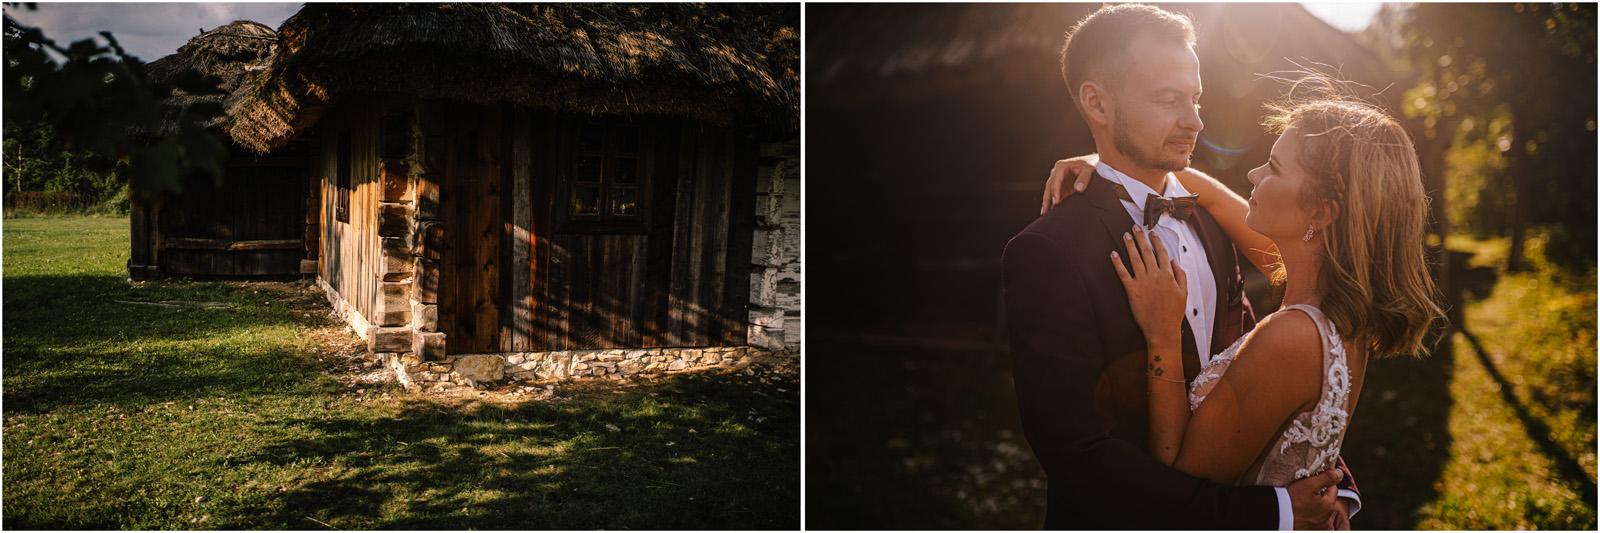 Kasia & Damian   ślub plenerowy w Kuźni Smaków i sesja w skansenie 124